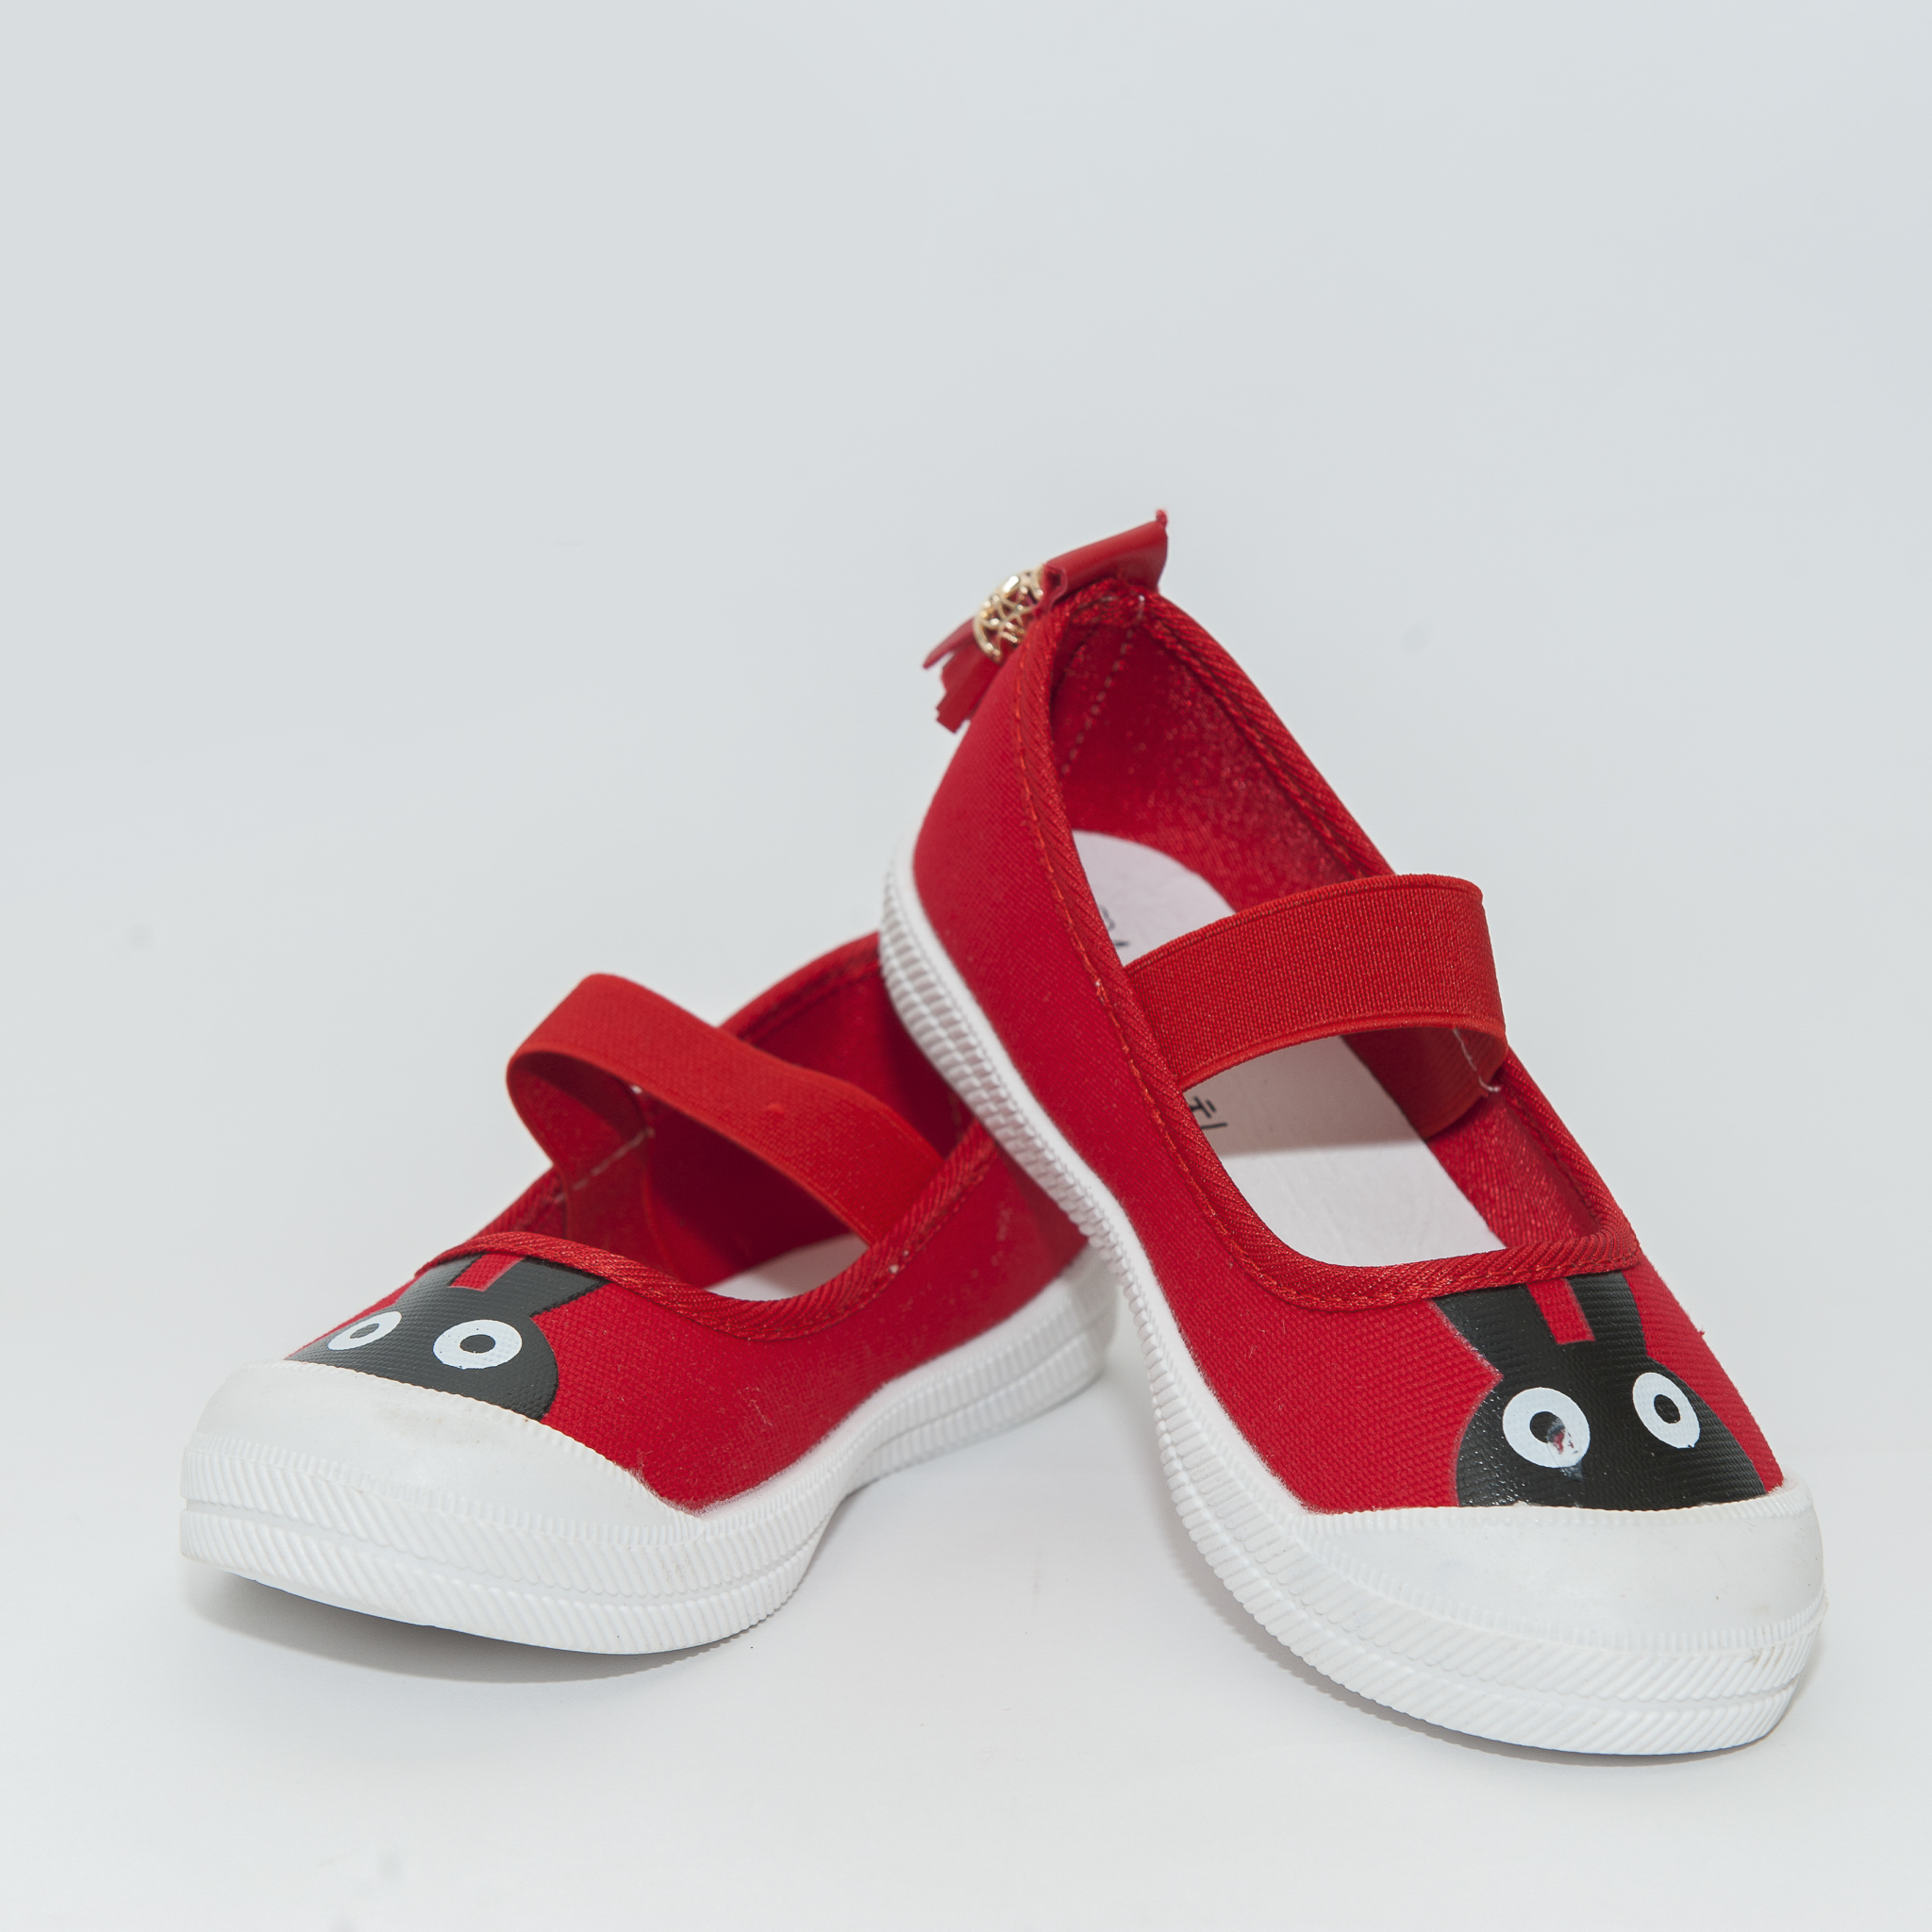 Giày búp bê Hàn Quốc màu đỏ